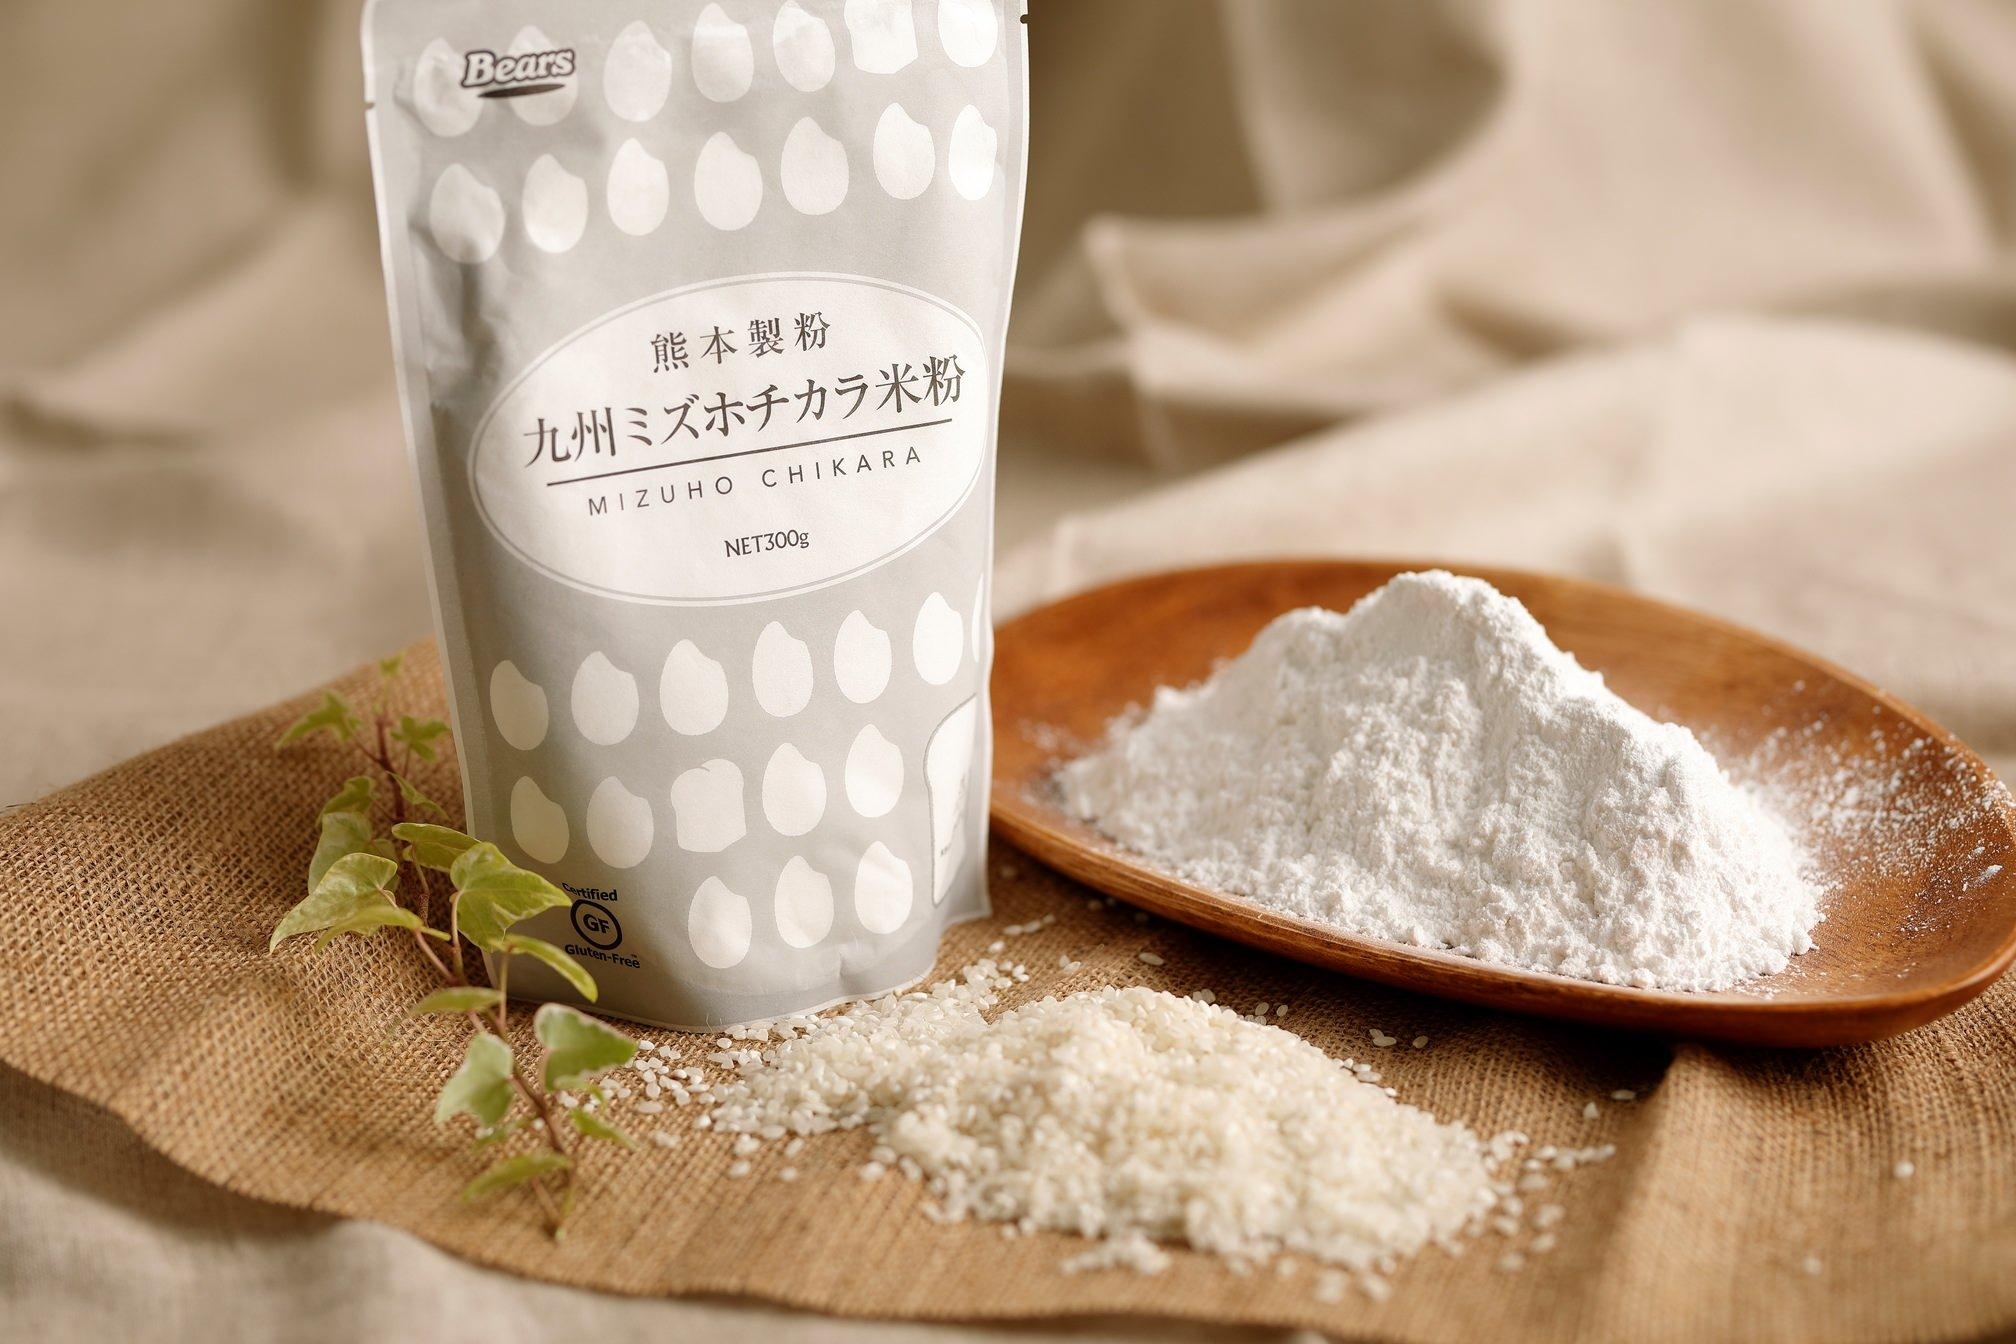 いつもの素材だけでグルテンフリーの米粉パンが焼ける 「九州ミズホチカラ米粉」新発売!